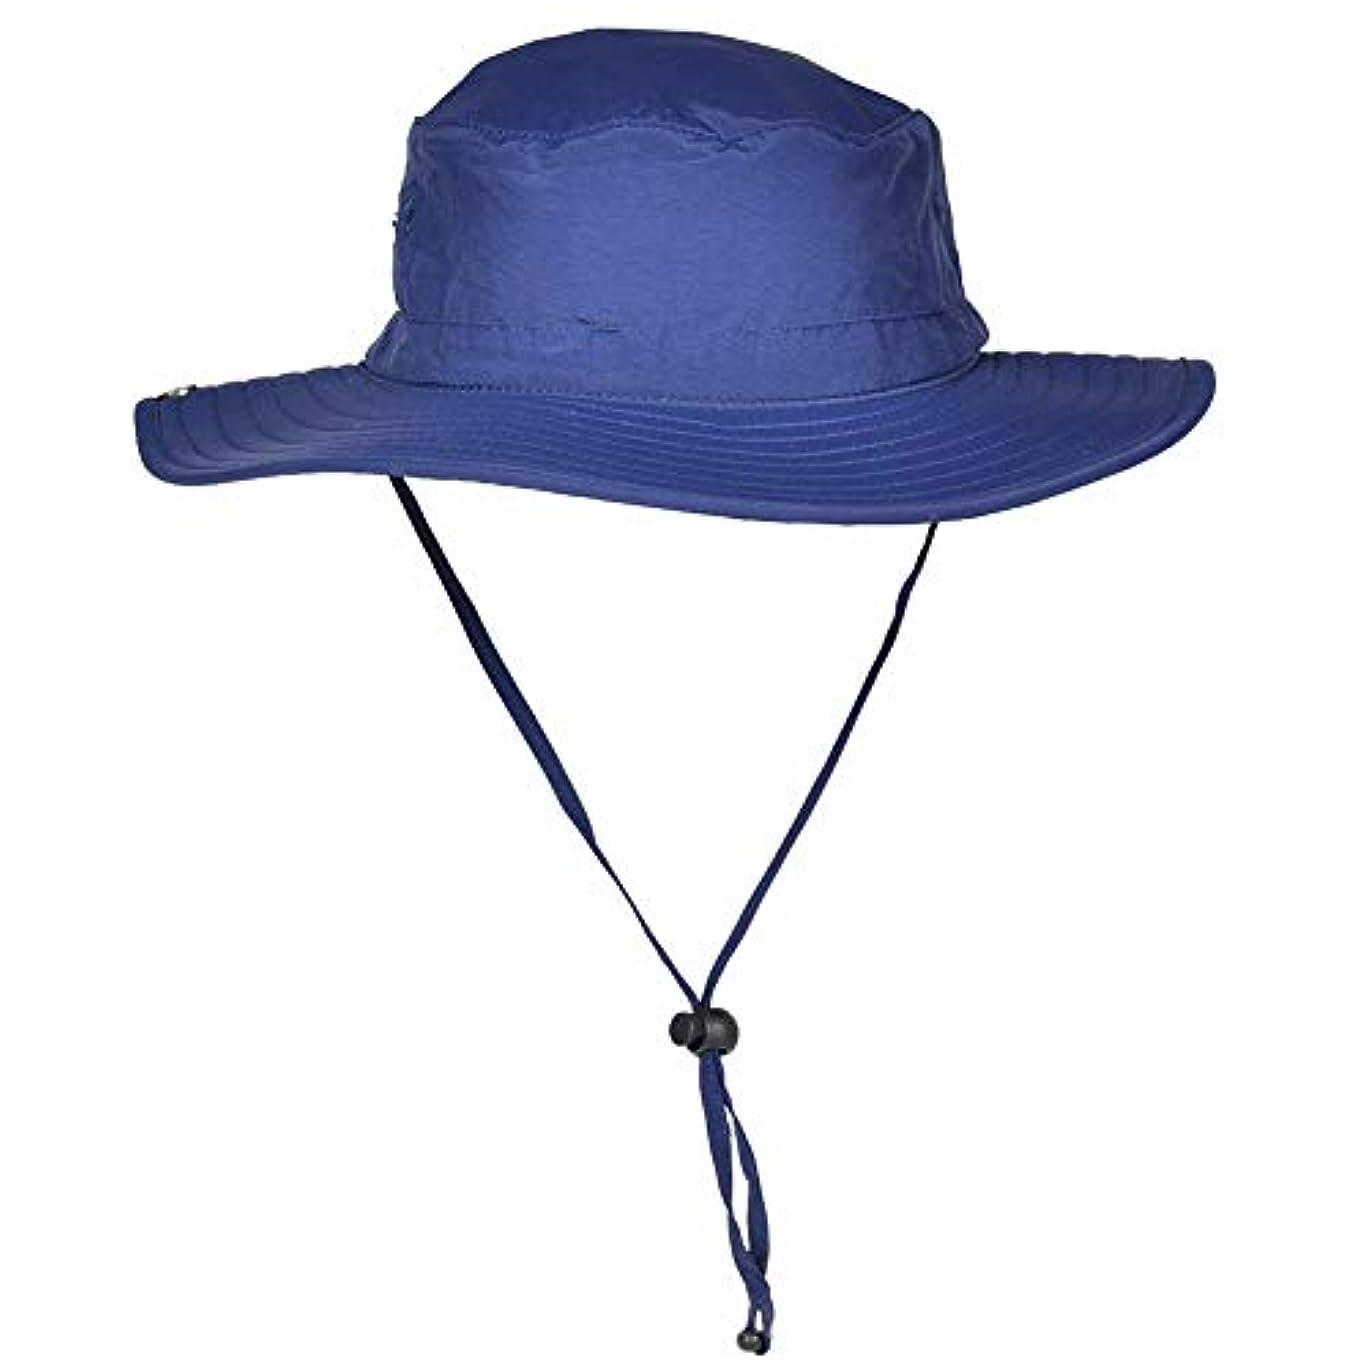 維持ポスト印象派枯渇[マウンテンハンター] ハット 帽子 日焼け 防止 UPF50+ uvカット サファリハット メンズ 登山 釣り アウトドア